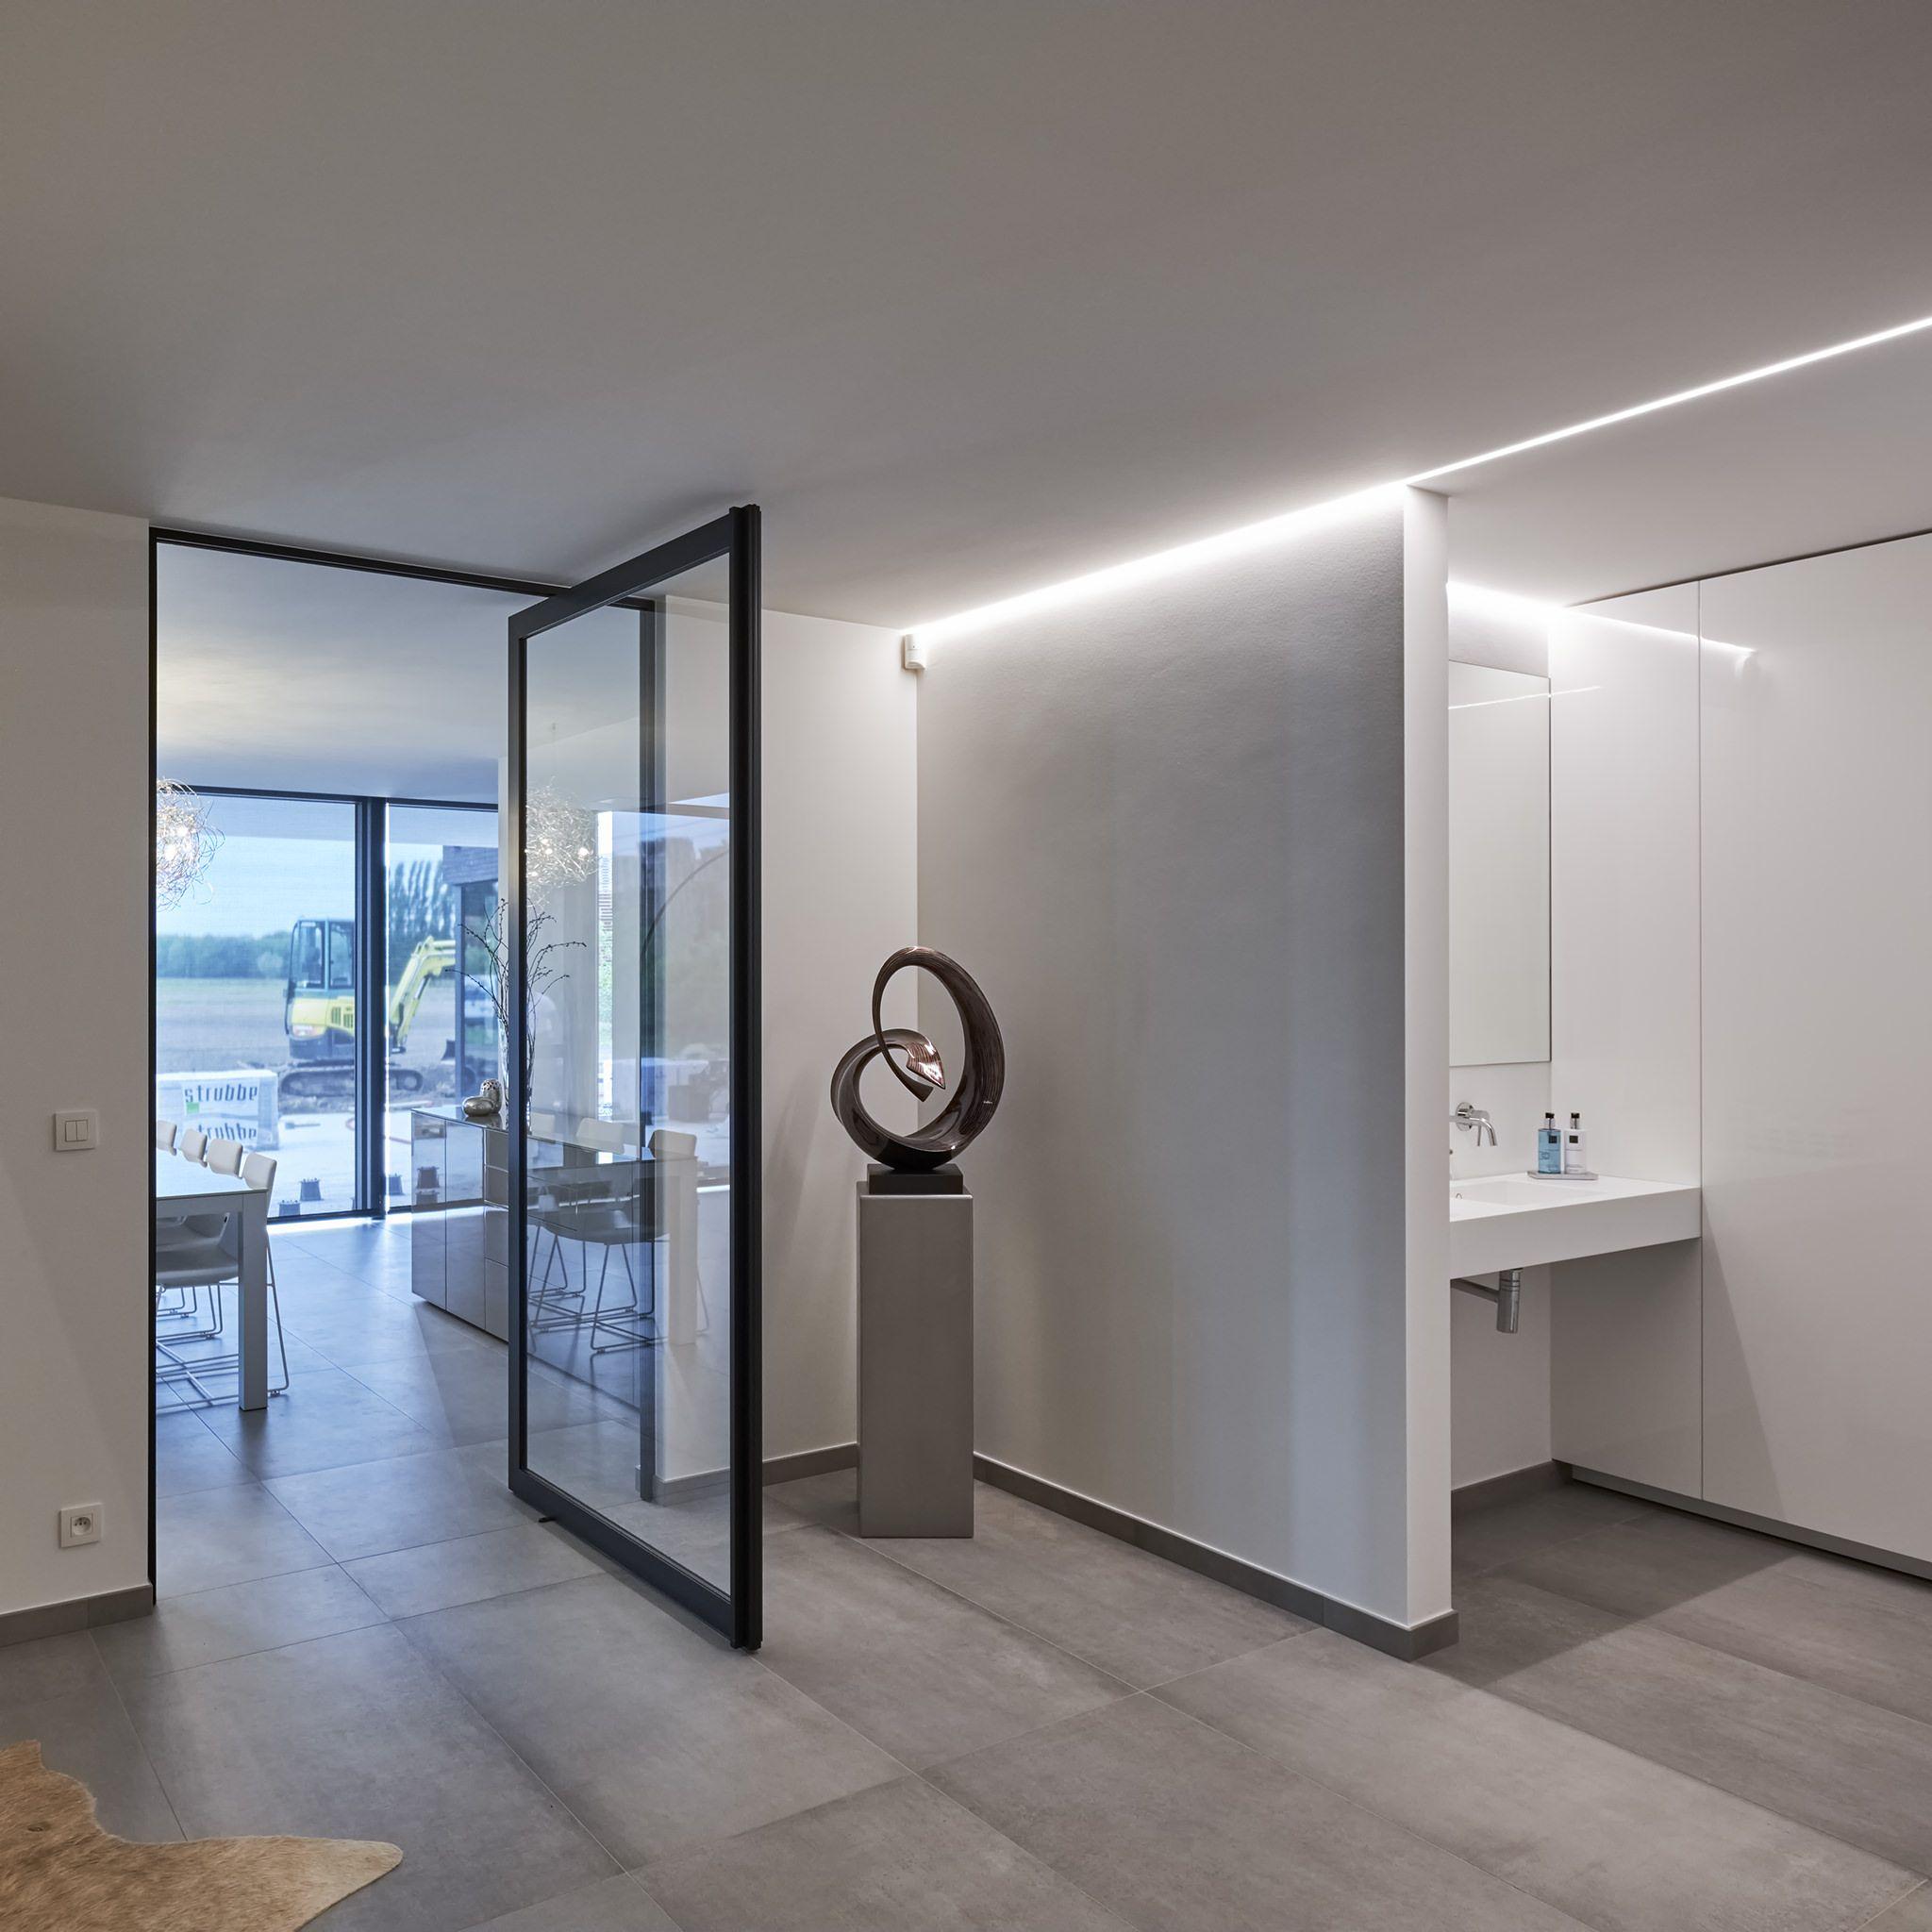 Porte Intérieure Style Atelier Sur Pivot Désaxé Portes Pivotantes - Porte intérieure style atelier